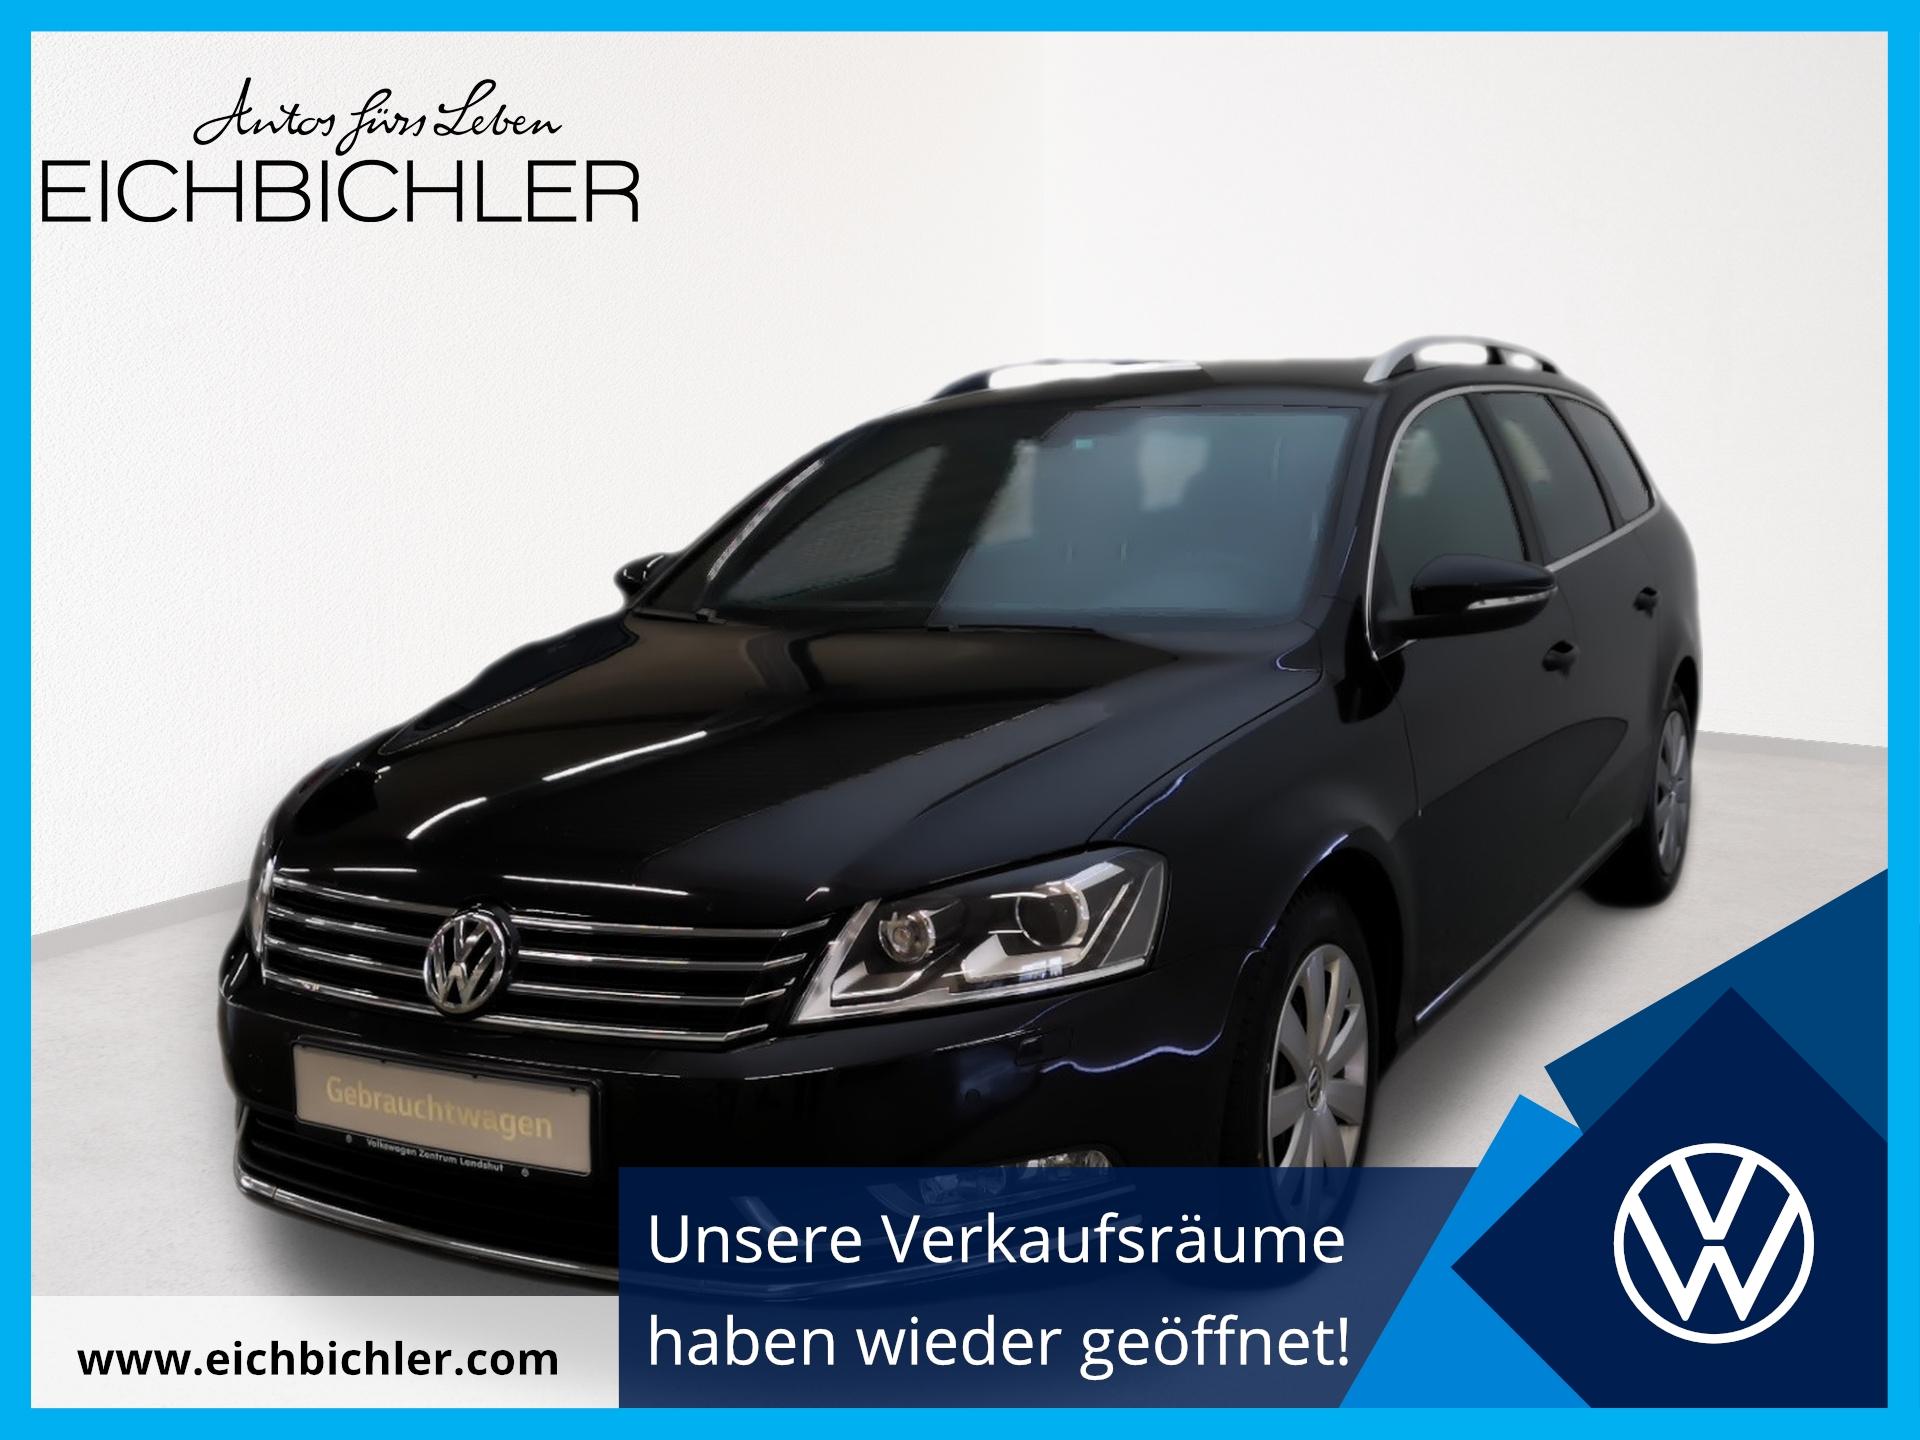 Volkswagen Passat Variant 2.0 TDI BMT Business Edition AHK, Jahr 2014, Diesel